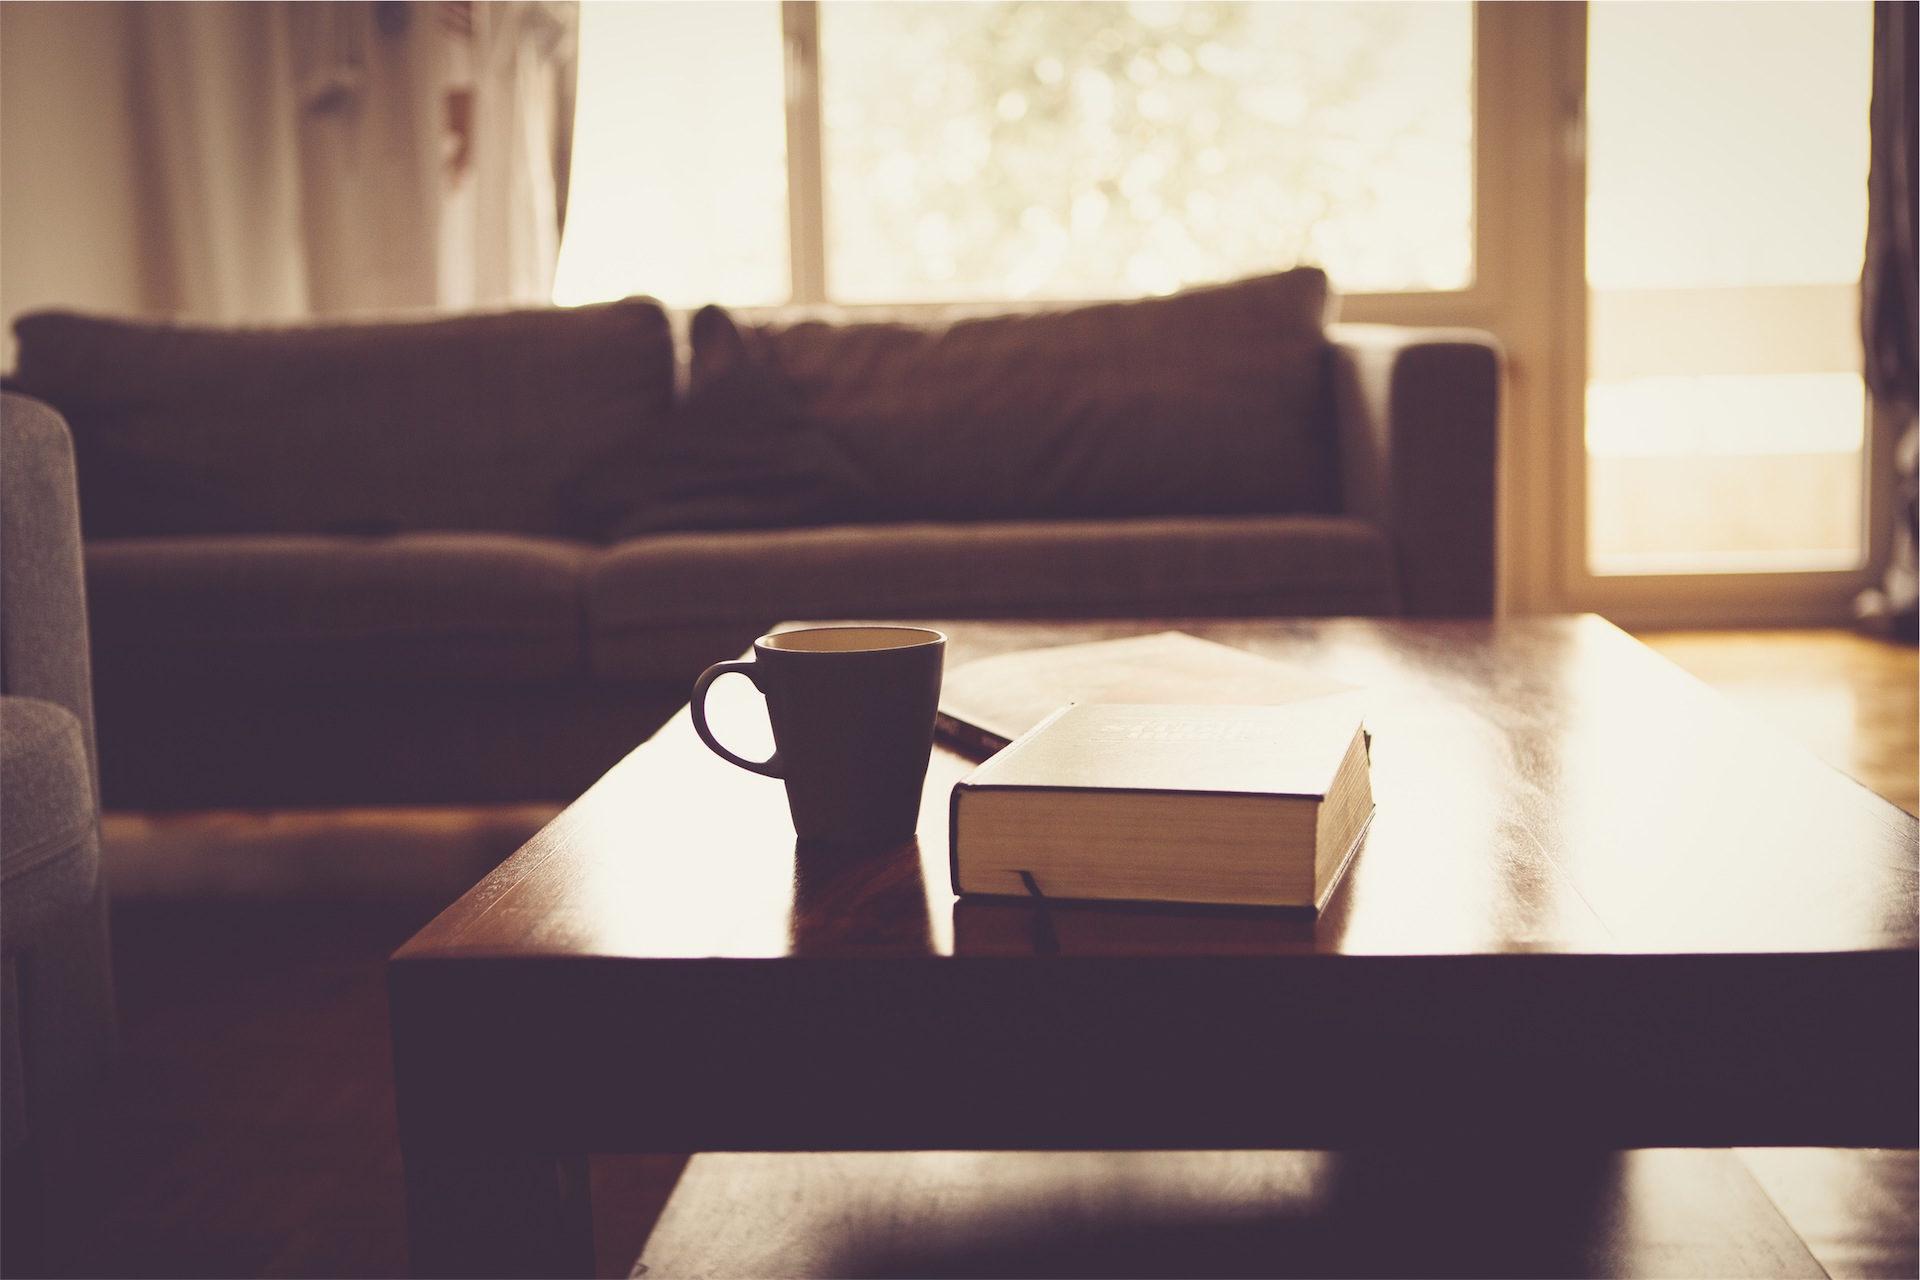 杯, 书, sofá, 表, 房间 - 高清壁纸 - 教授-falken.com